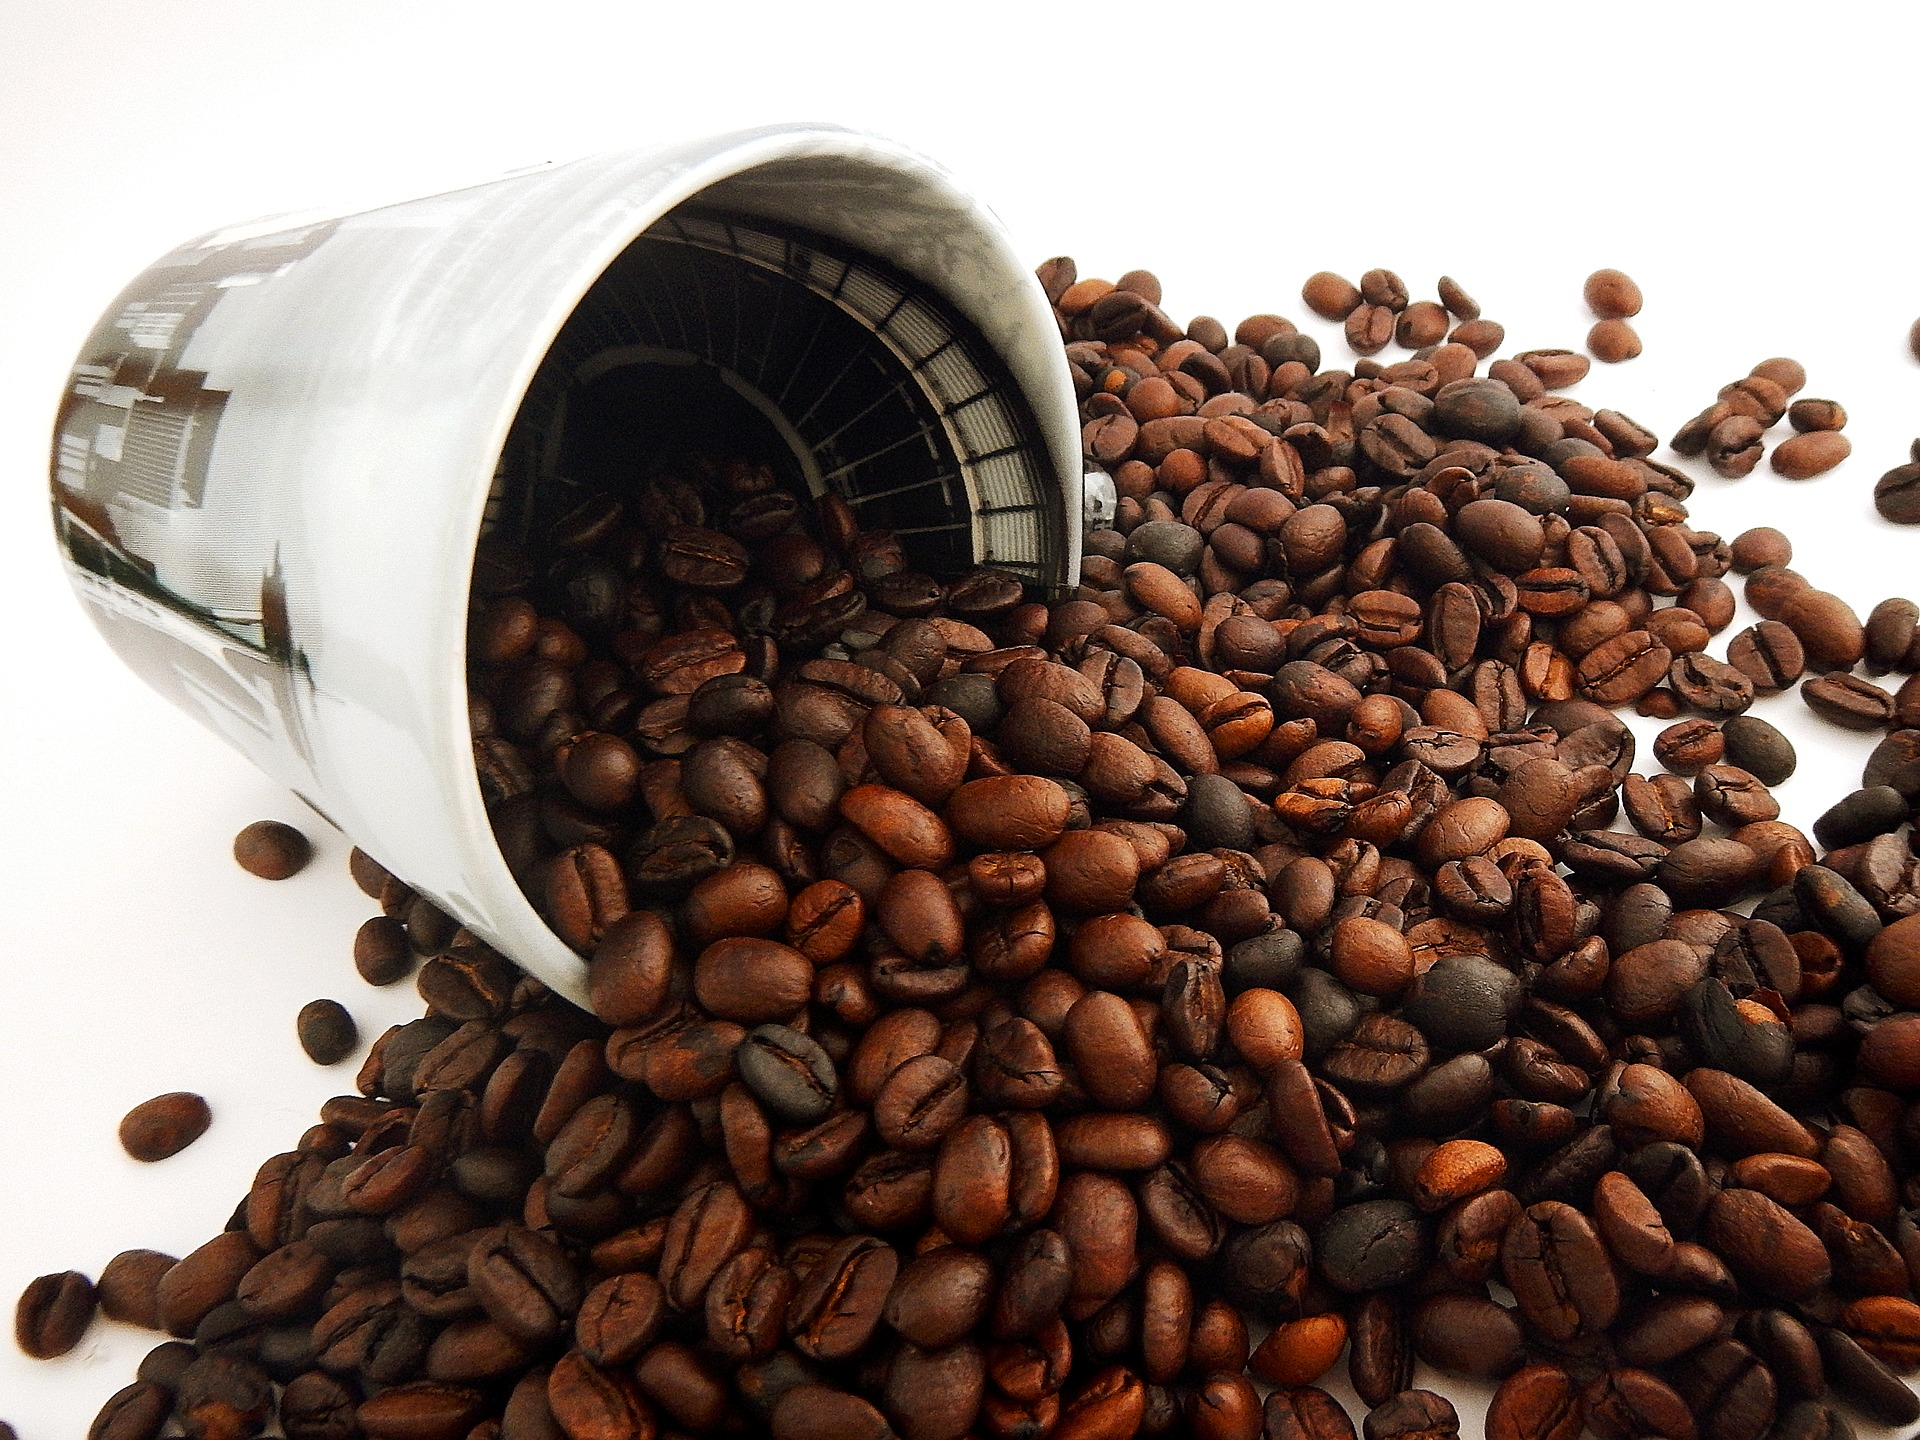 Roasted Gu Chuan coffee bean S18